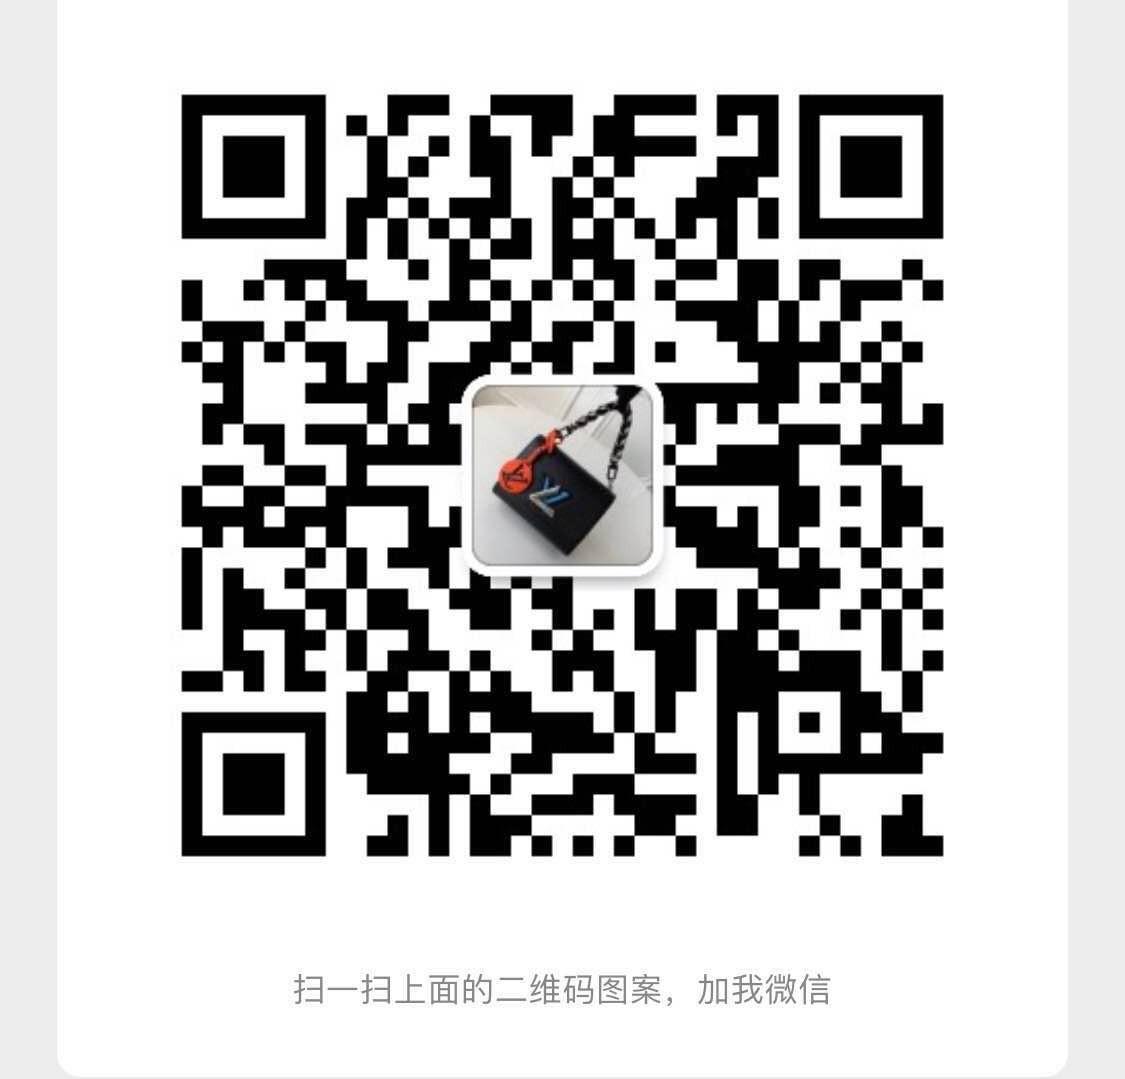 萍姐皮具专营各大品牌奢侈品代工厂渠道货提供原厂品质等货源